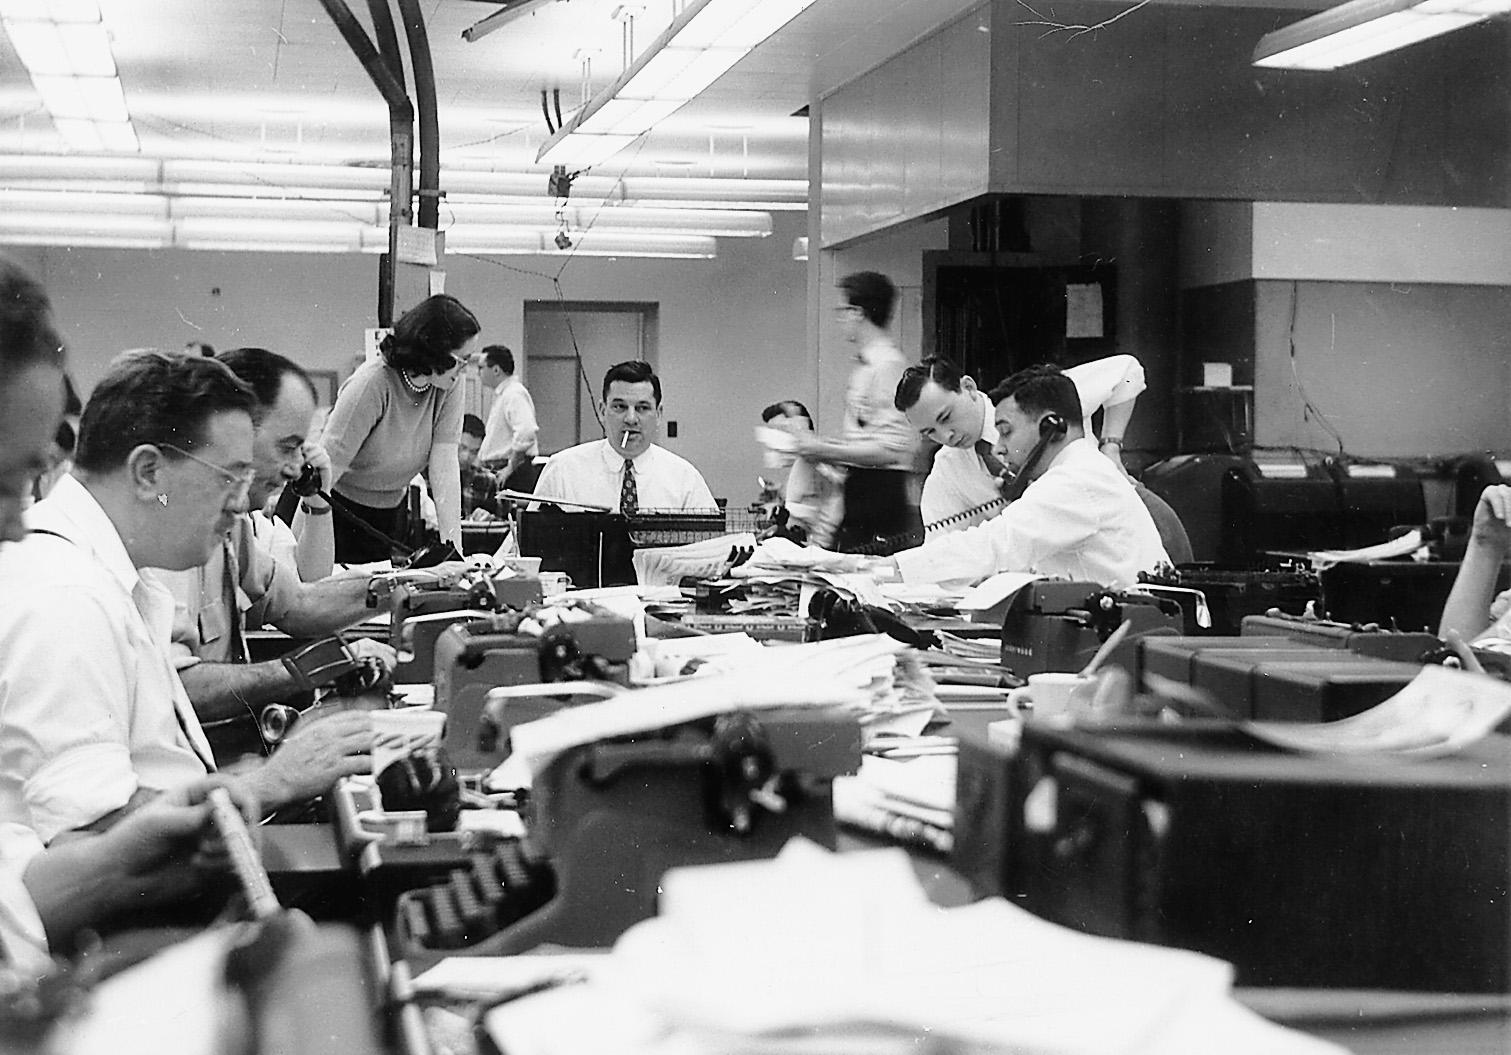 Harman Kardon Car Audio: Oz.Typewriter: Glorious Reality Of Typewriters In